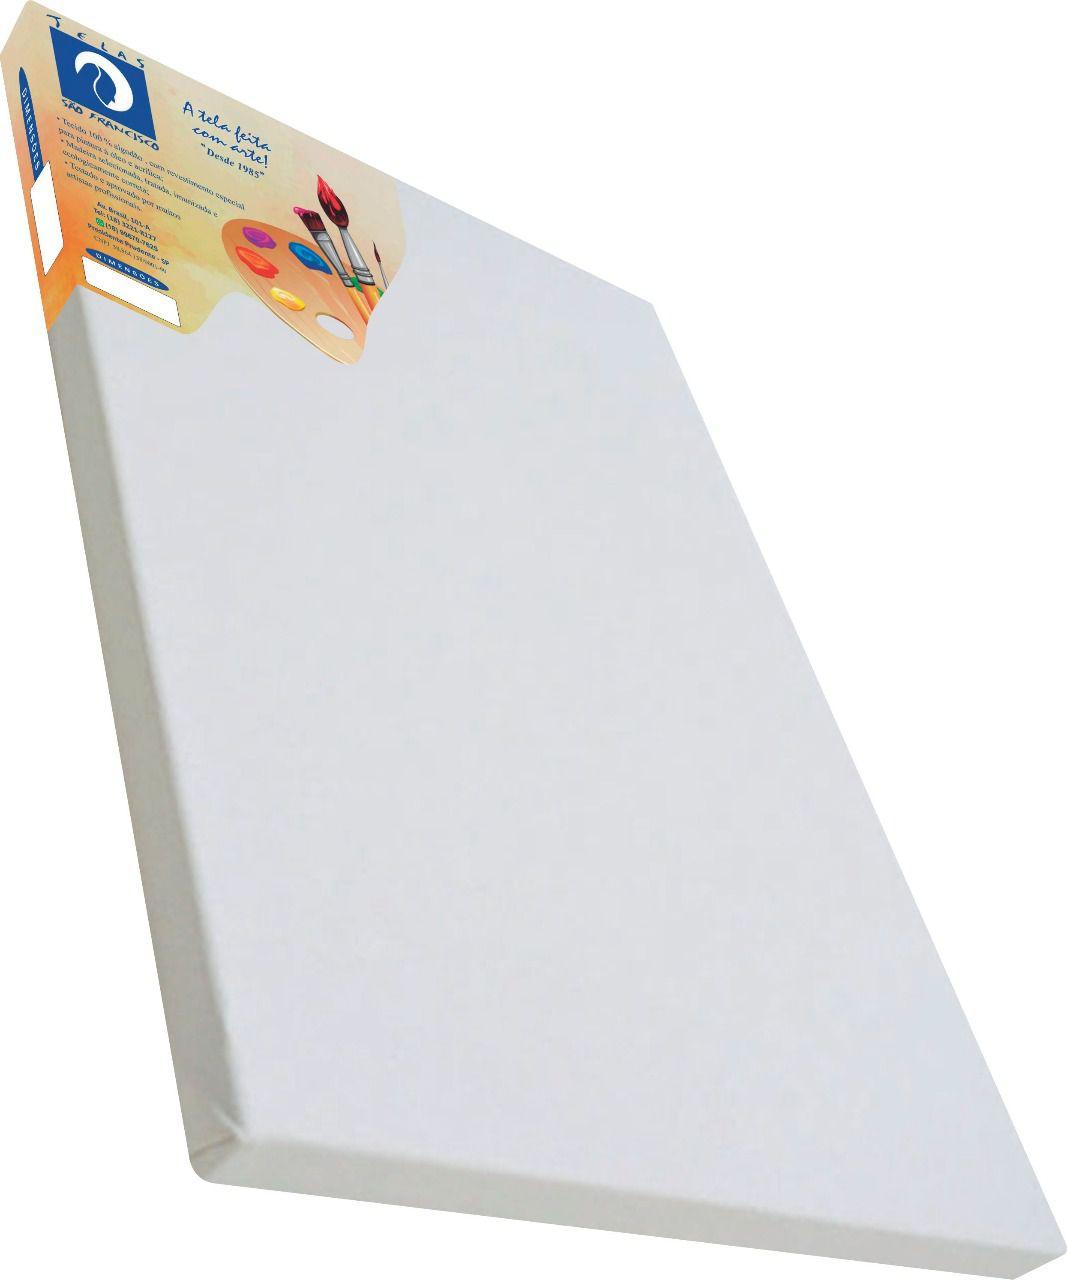 Tela painel para pintura 30x30cm - São Francisco